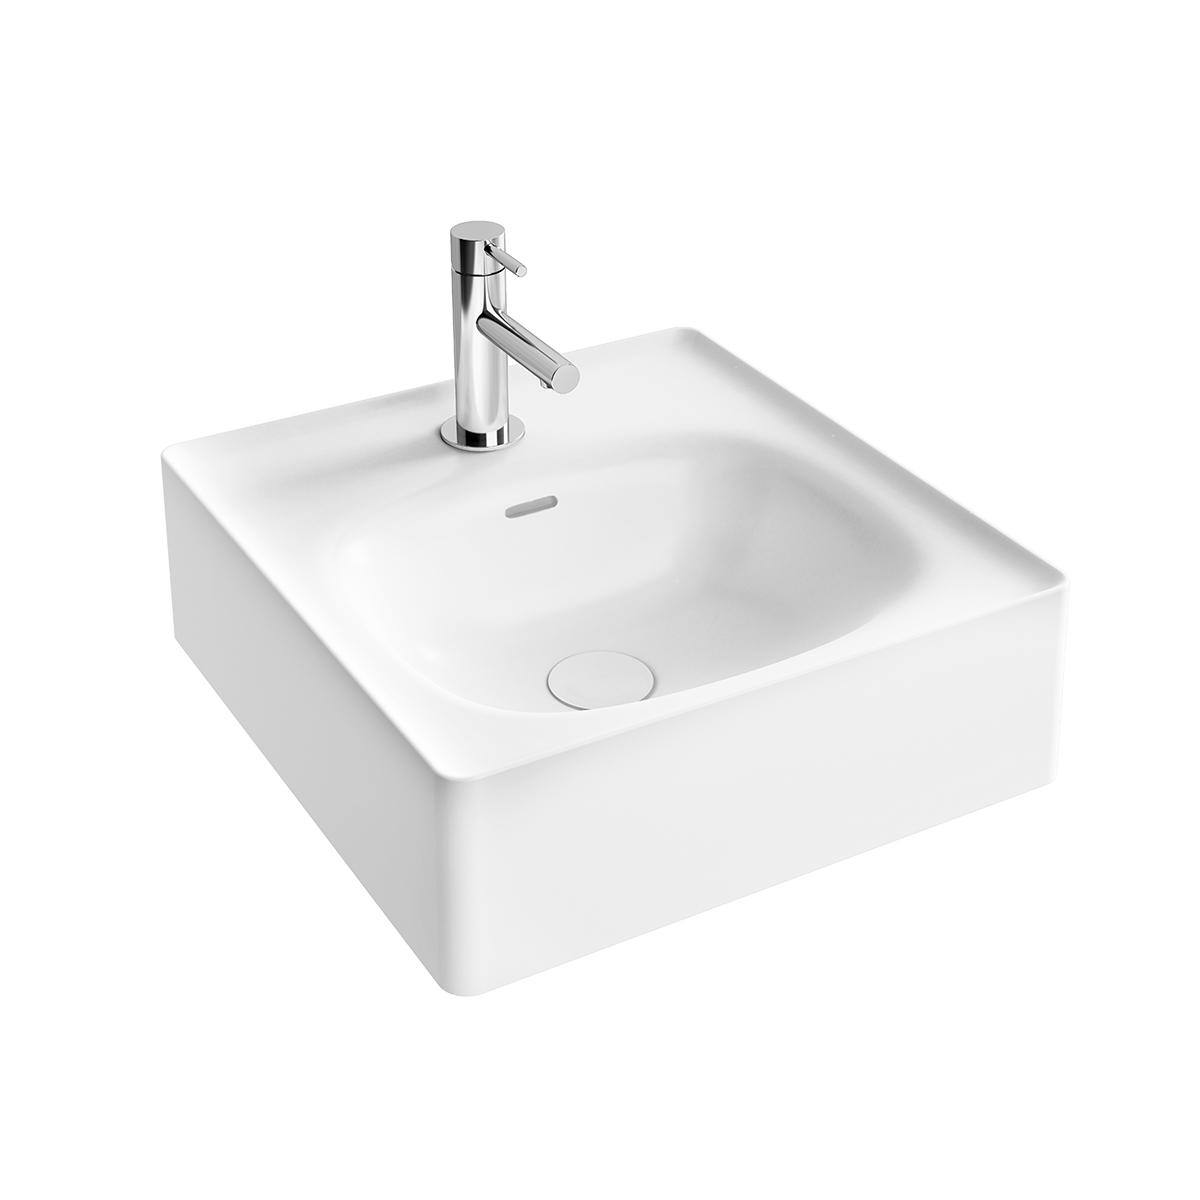 Equal Handwaschbecken, 43 cm, mit Hahnlochbank, mit Hahnloch, mit Überlaufschlitz, Weiß Hochglanz